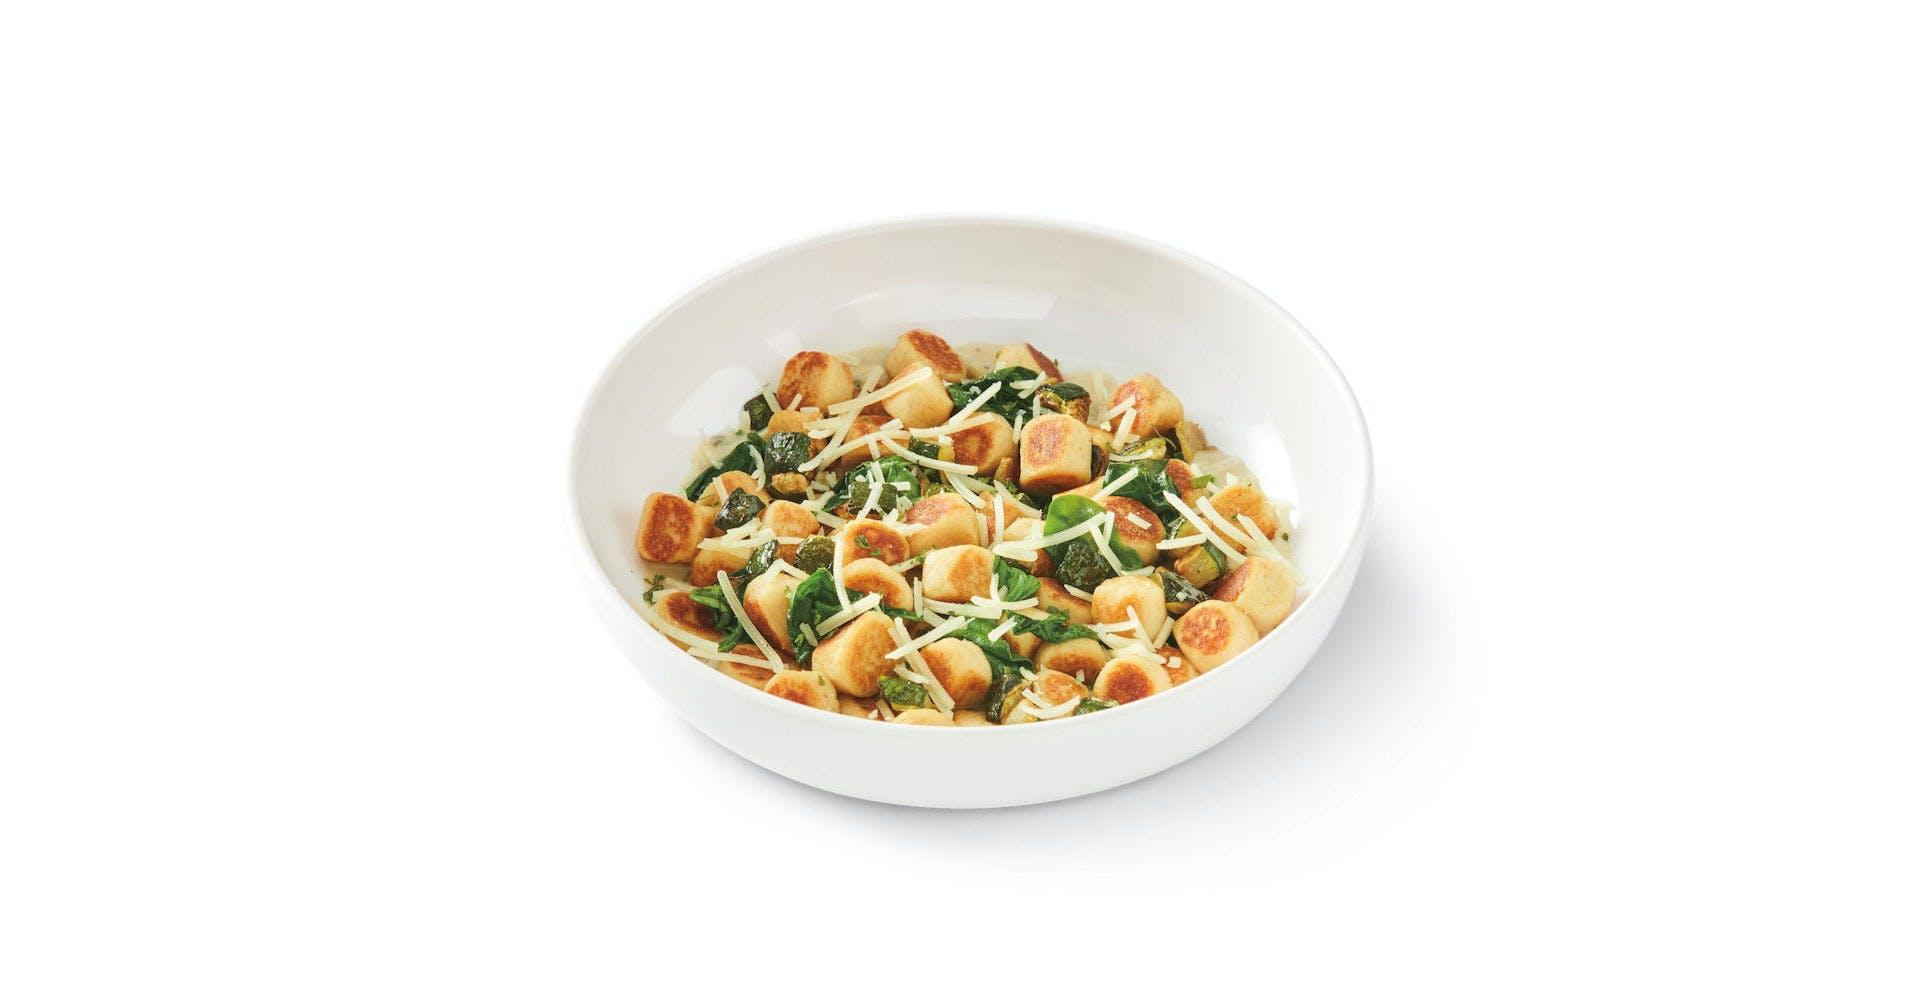 Cauliflower Gnocchi with Roasted Garlic Cream from Noodles & Company - Oshkosh in Oshkosh, WI